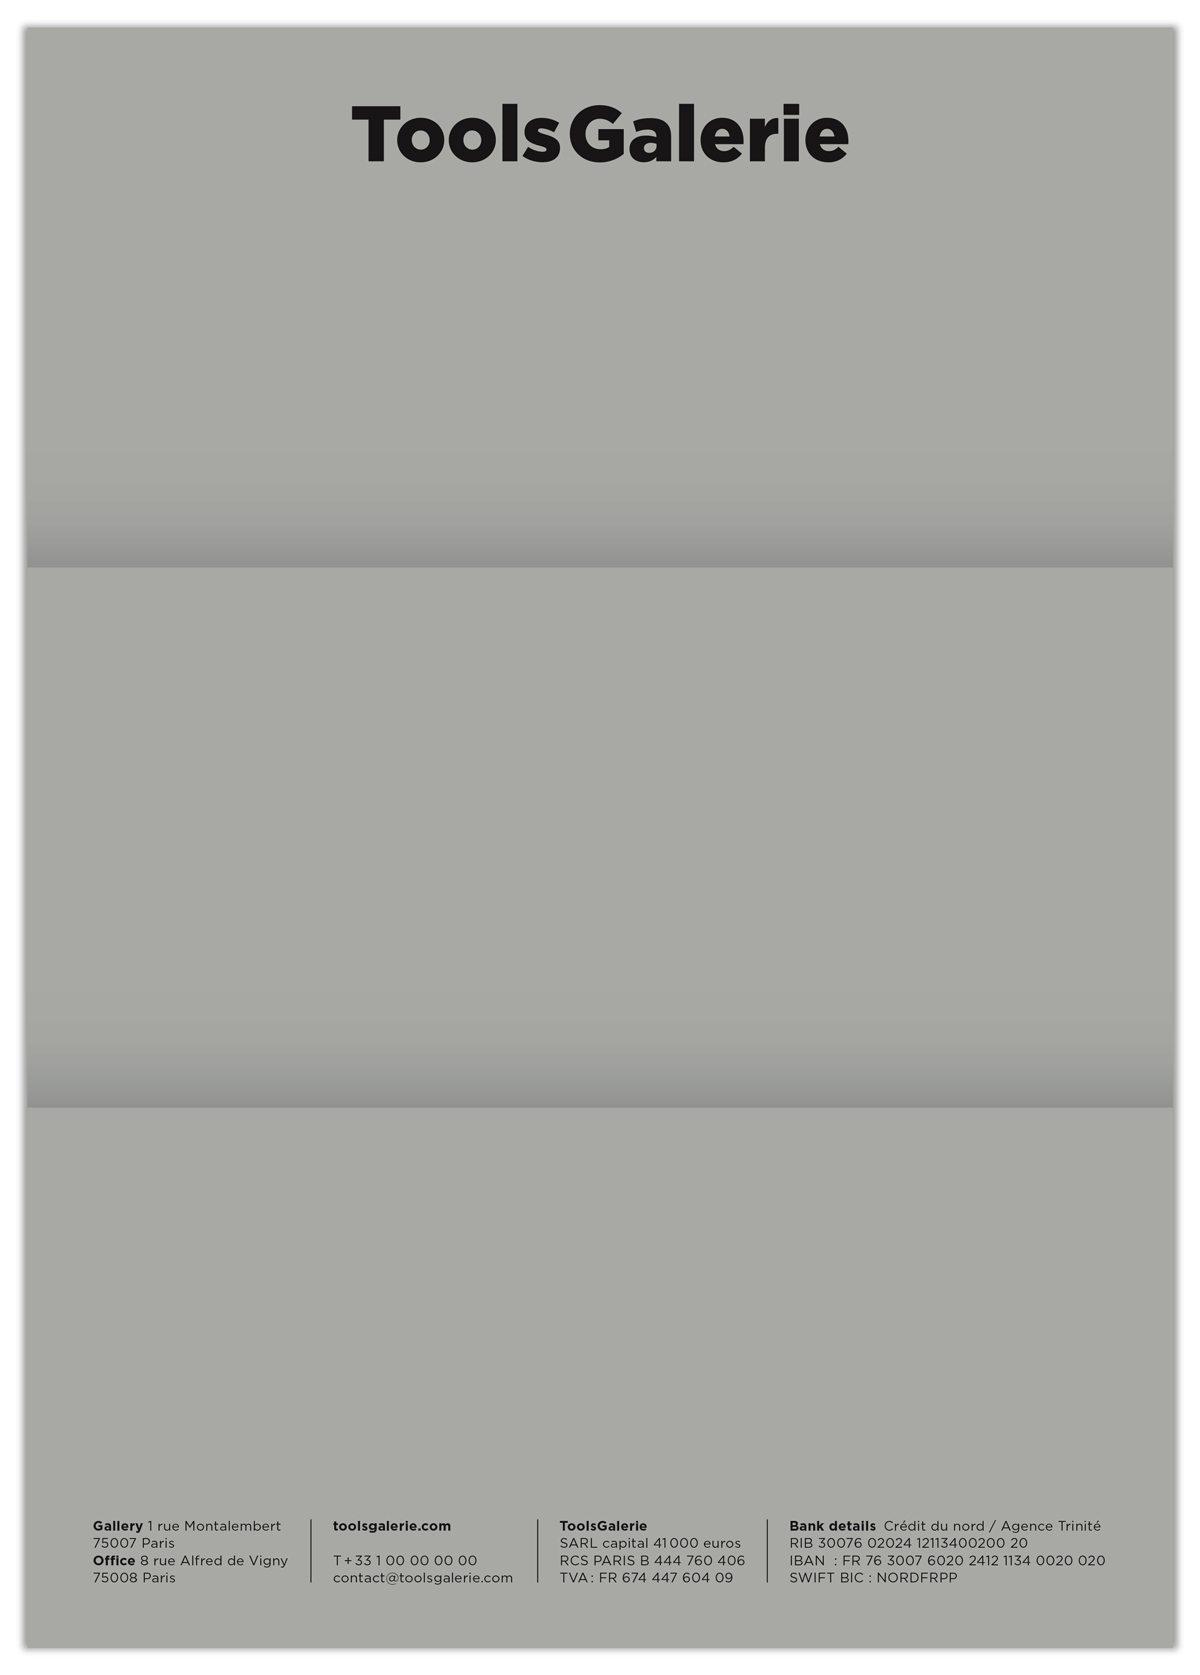 Impression dégradé effet pliage pour le papier à lettre de la ToolsGalerie, design IchetKar